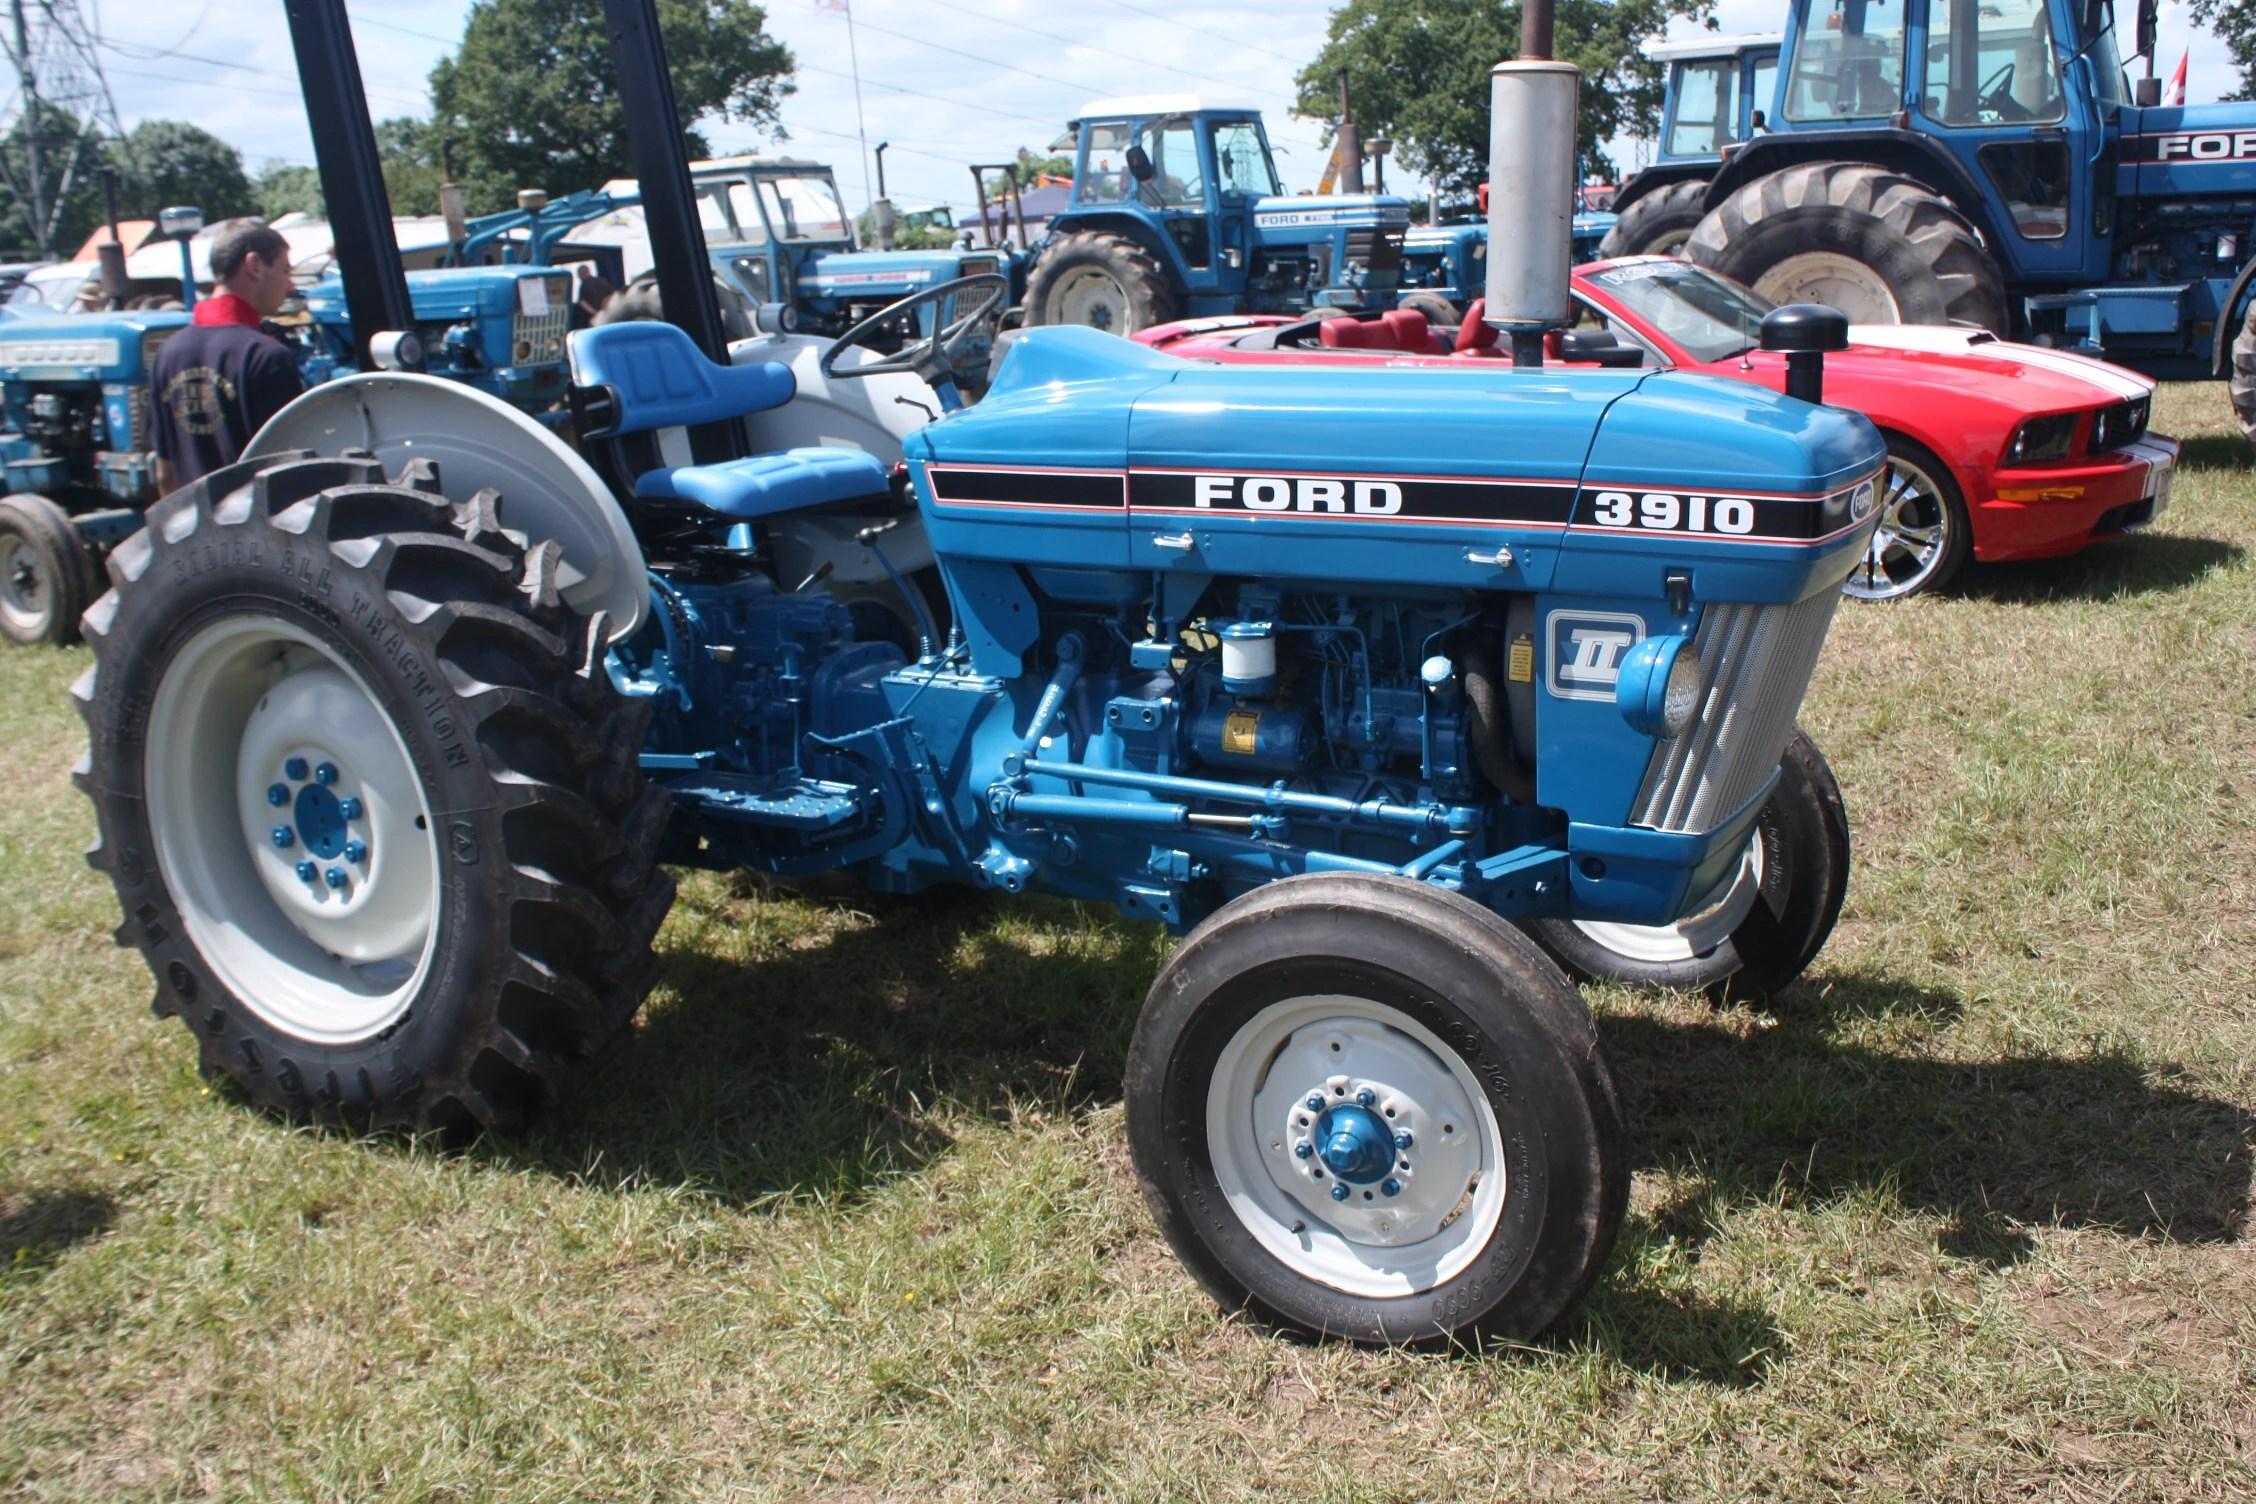 medium resolution of ford 3910 wiring diagram wiring diagrams schematics diesel tractor wiring diagram 2810 ford tractor wiring diagram